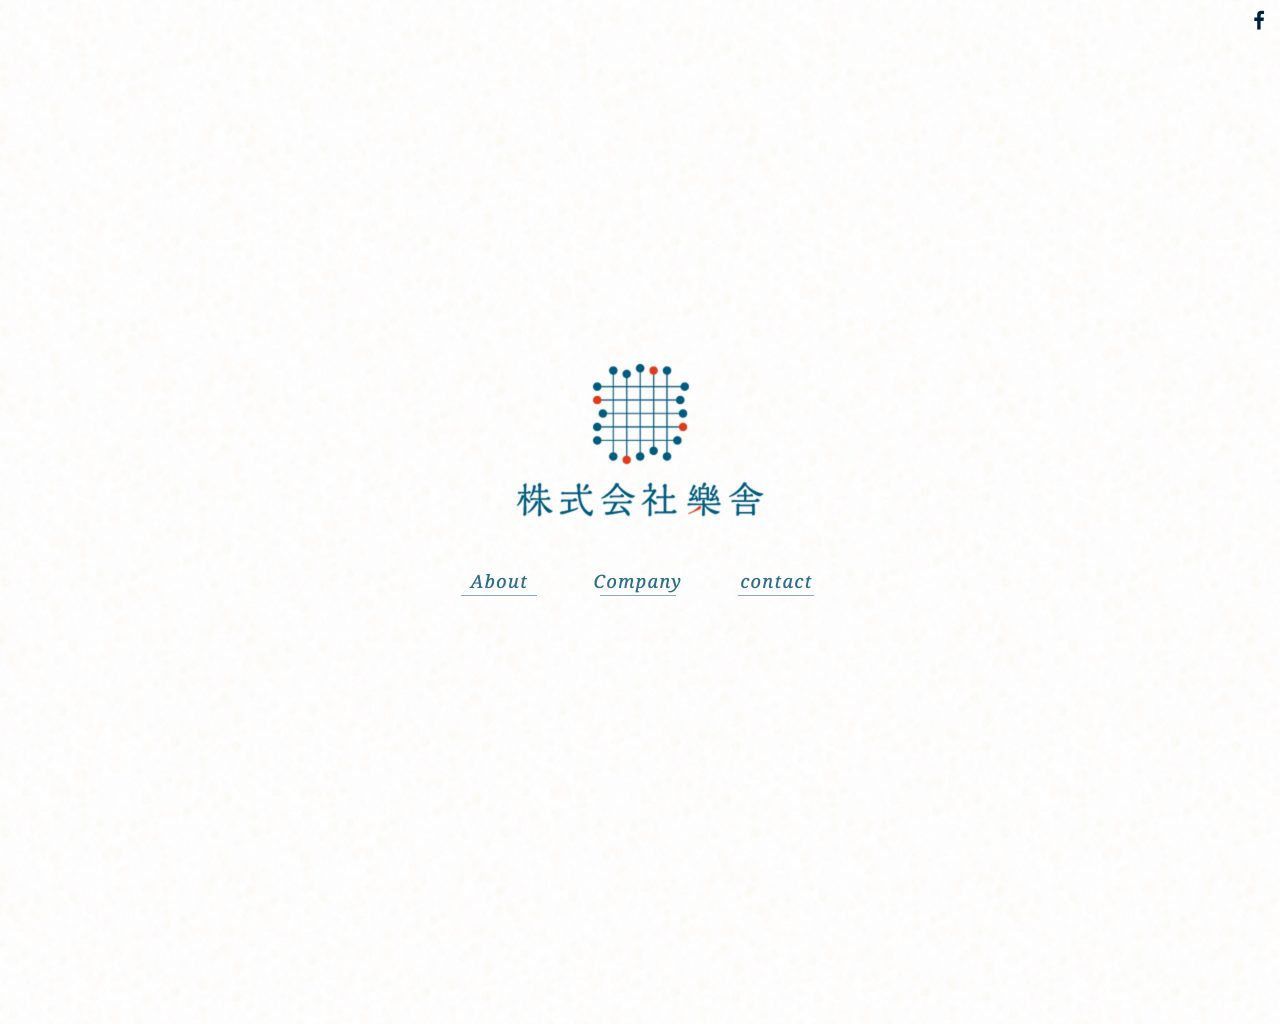 株式会社樂舎様(明日の株式会社様)